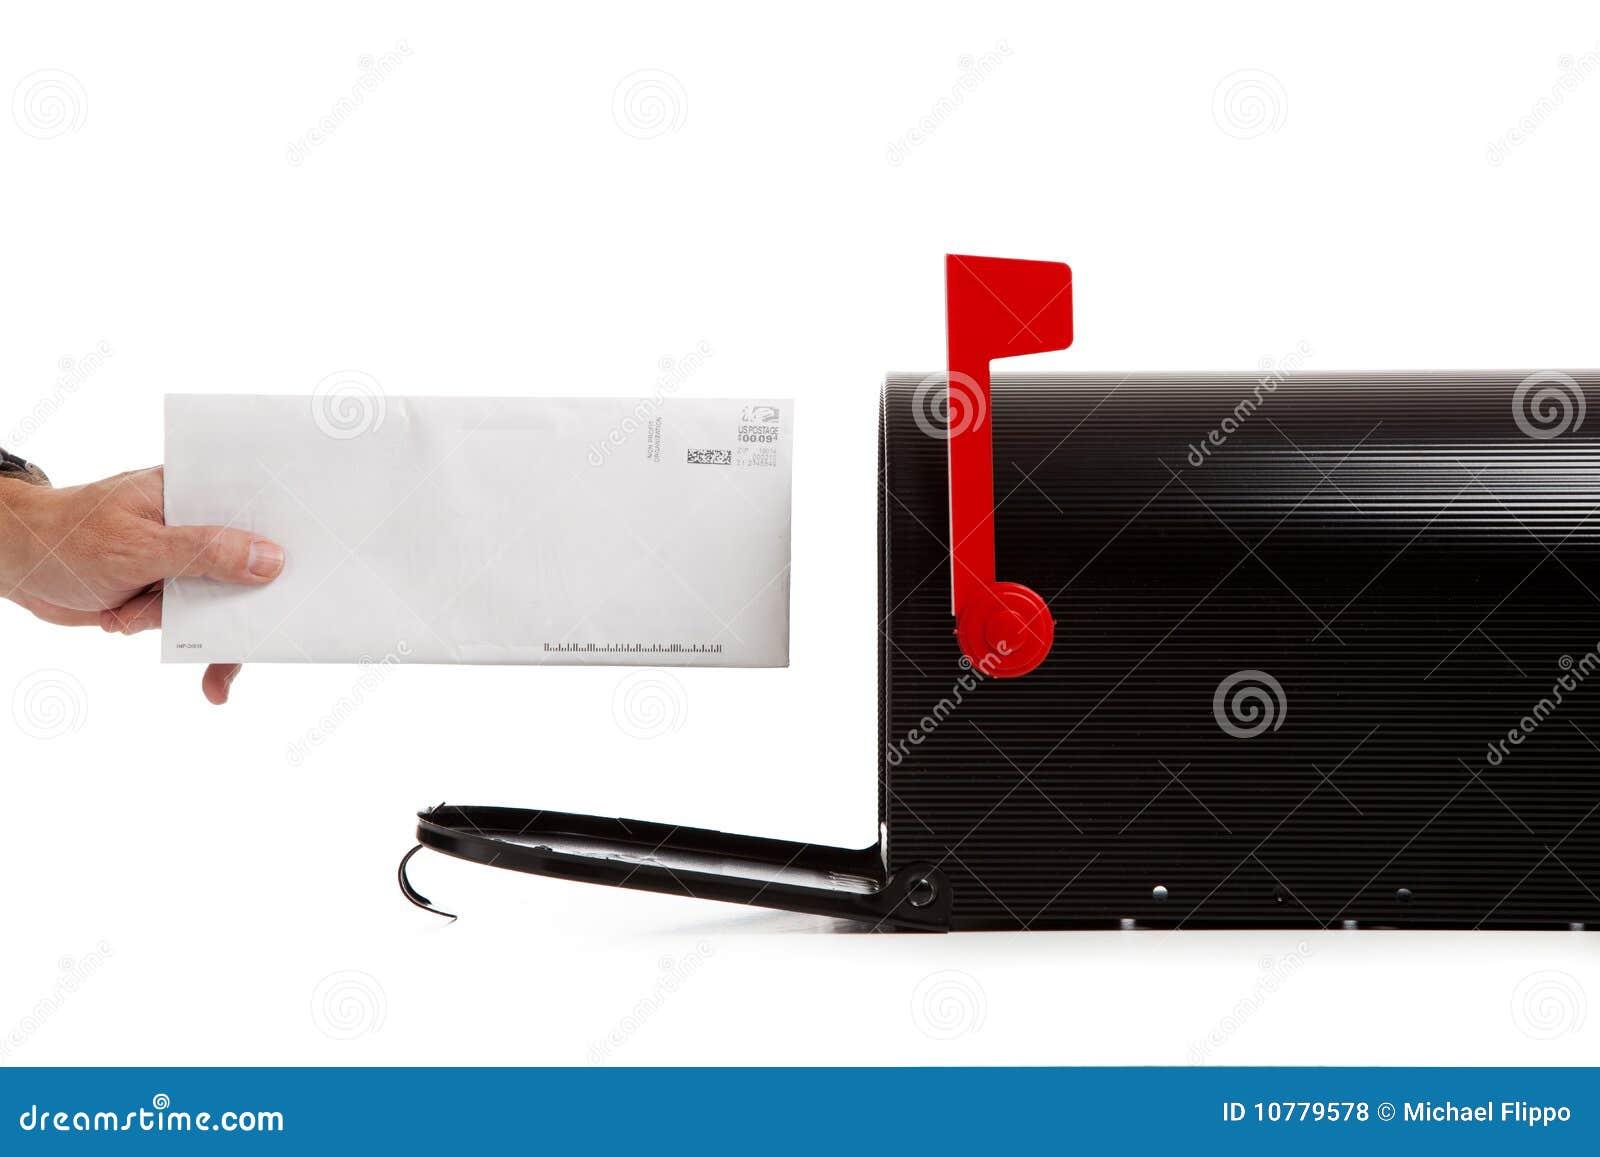 Post liefern oder empfangend